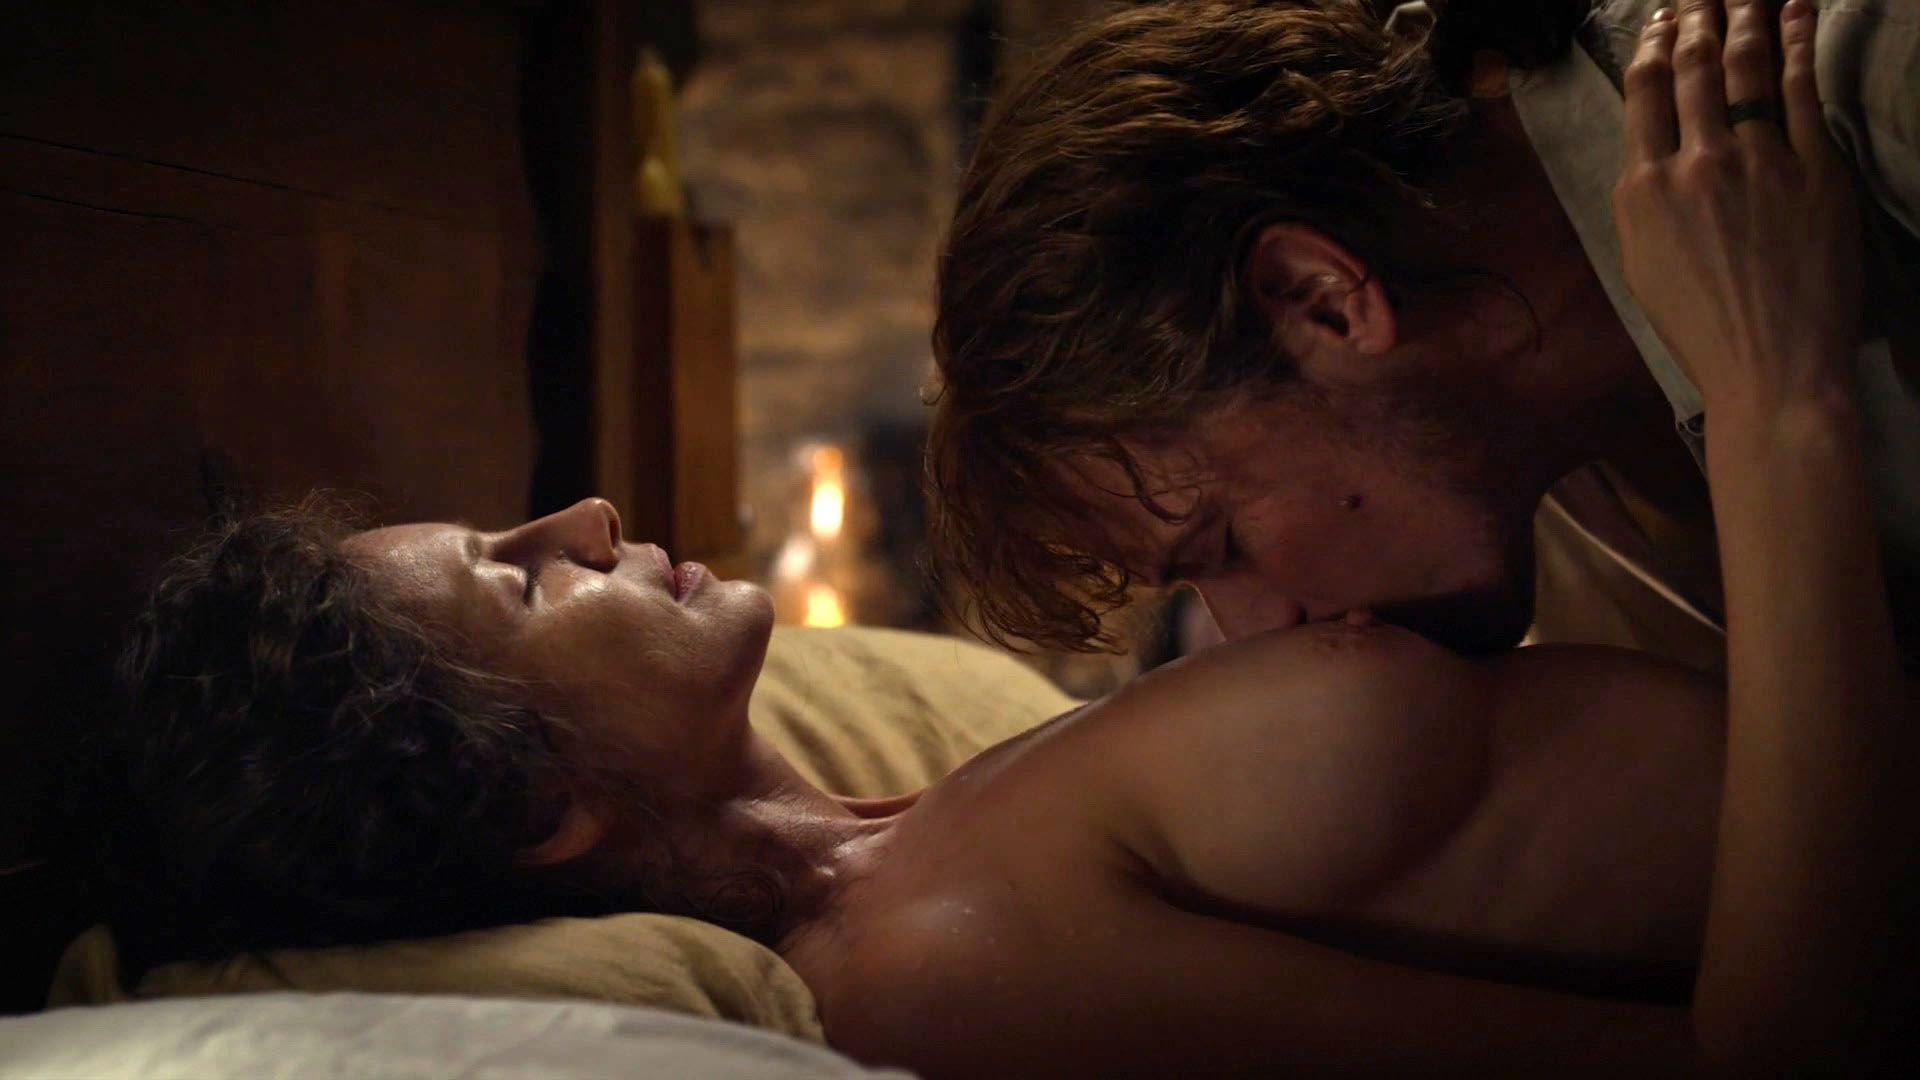 Caitriona Balfe Naked In Sex Scenes Pornoimage